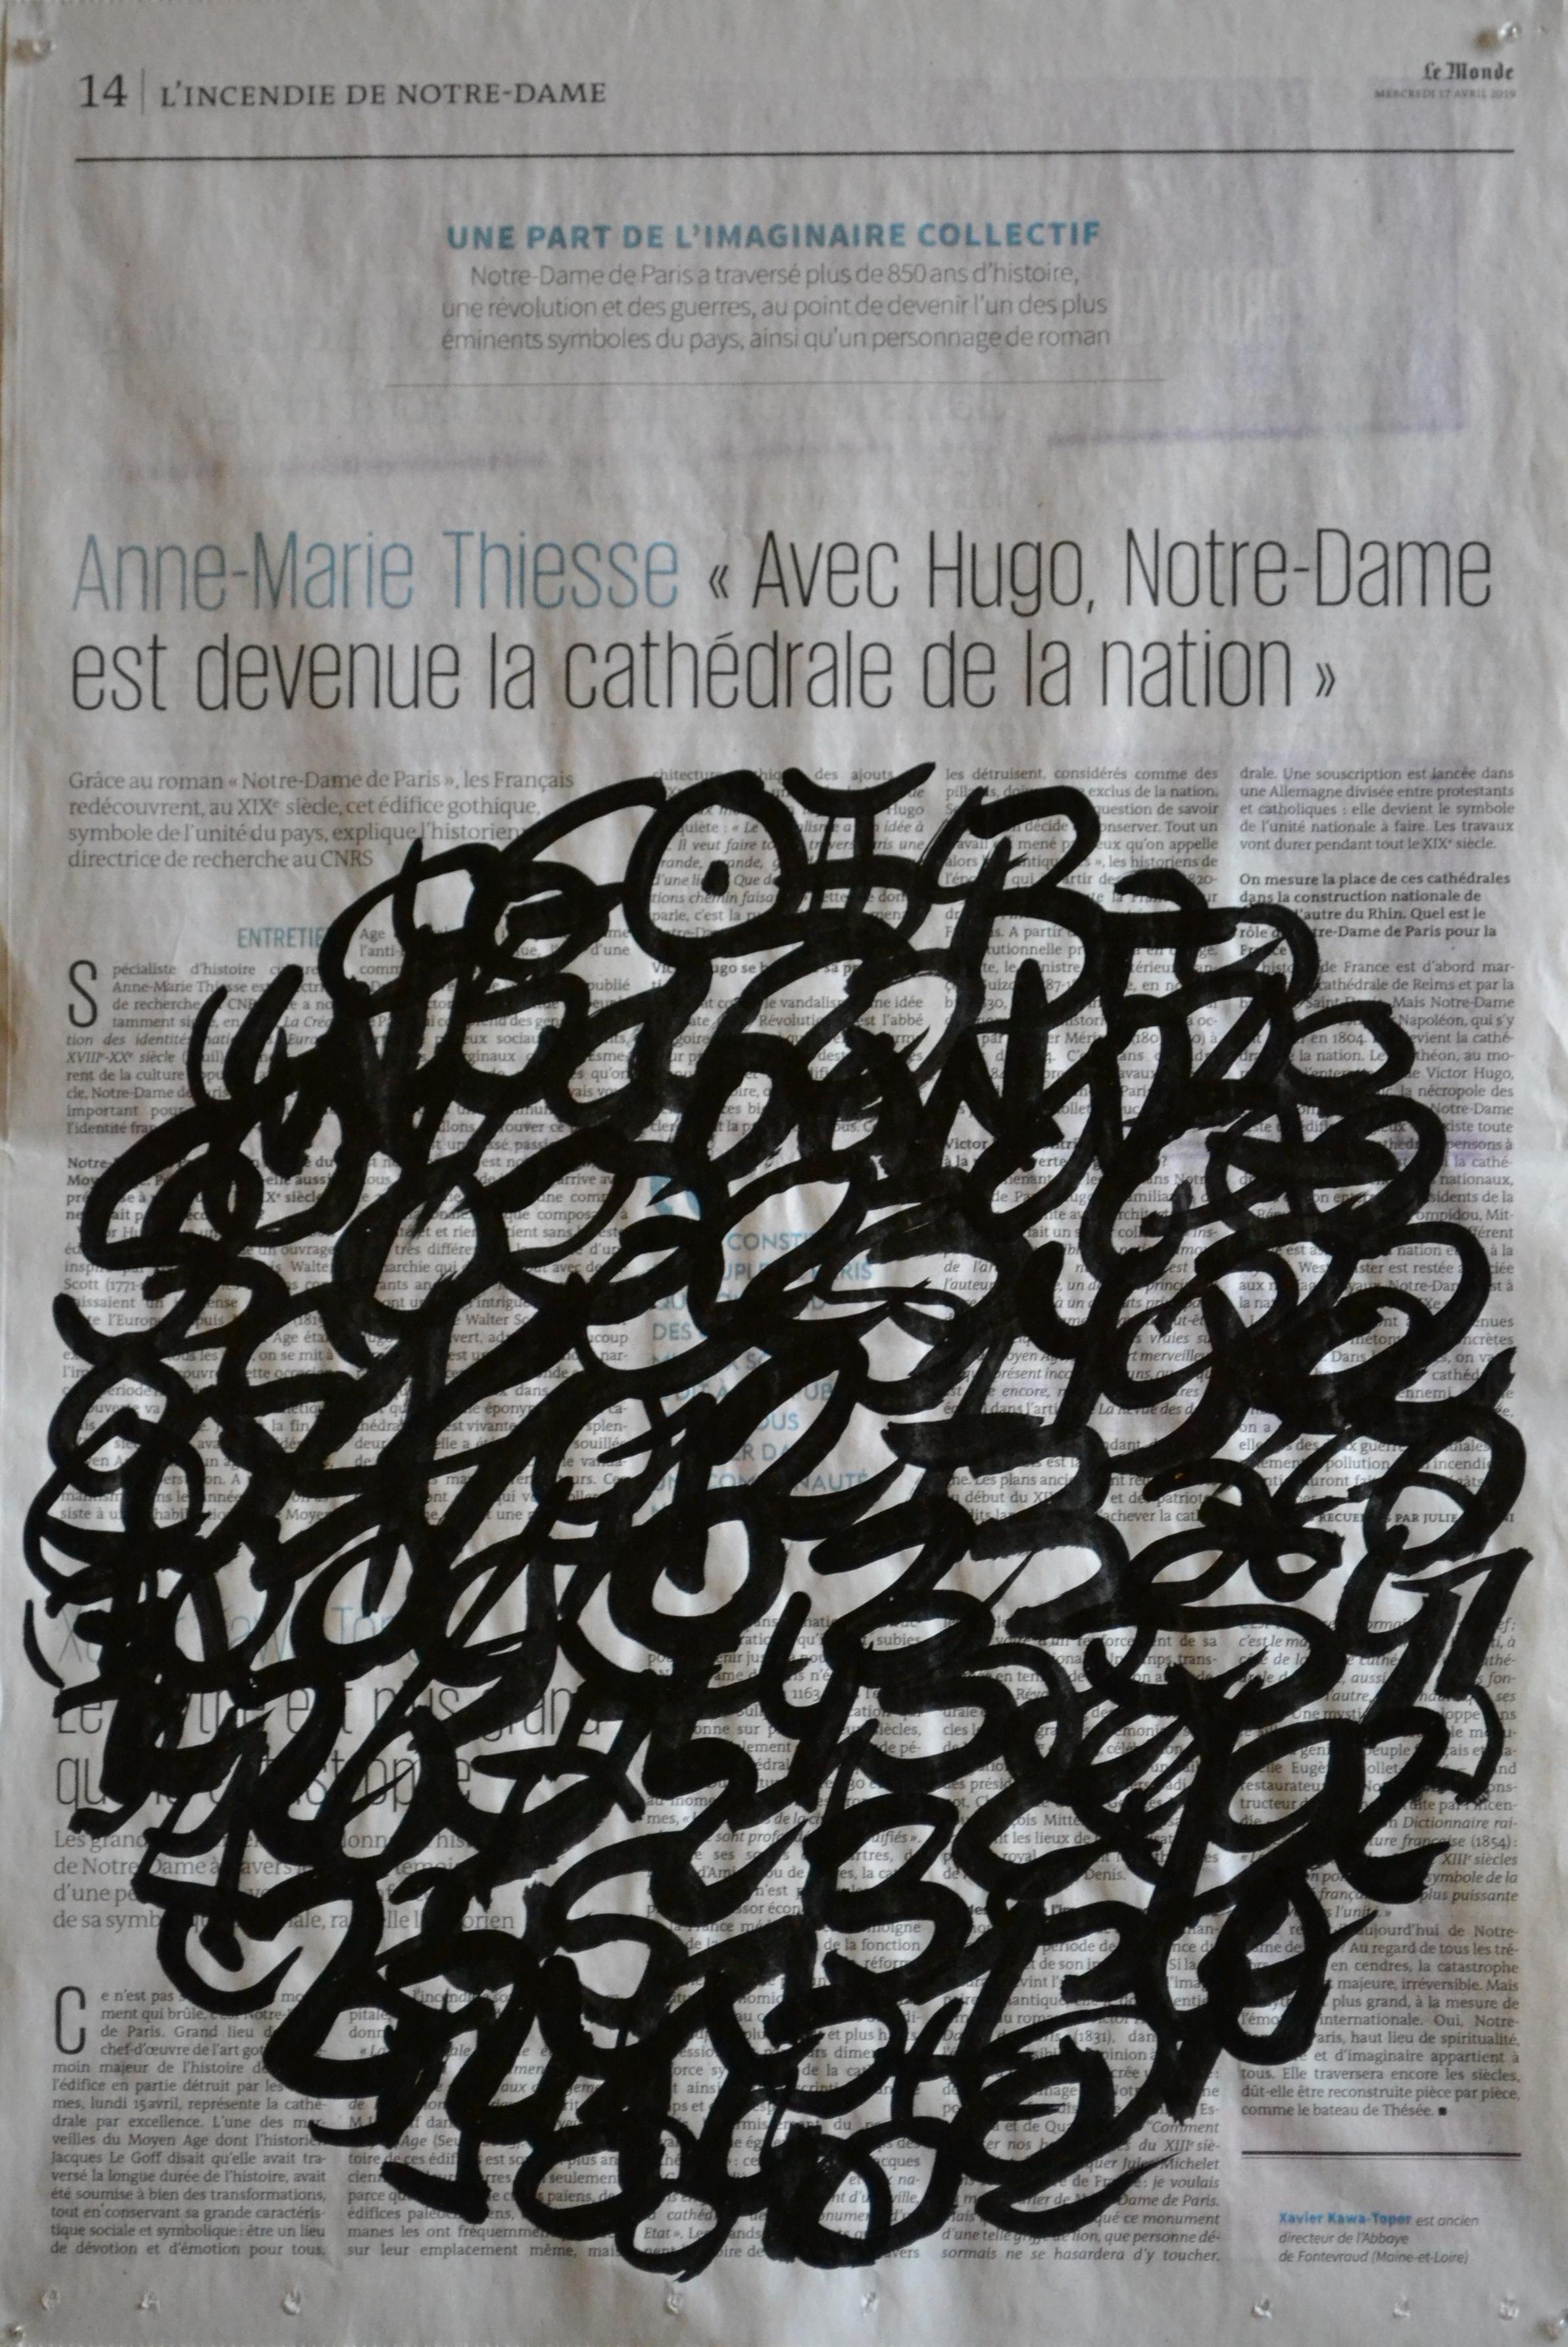 Mappemonde Encre 15.04.2019, encre de Chine sur papier journal, 47 x 31 cm. Notation de la position des planètes dans le ciel le jour de l